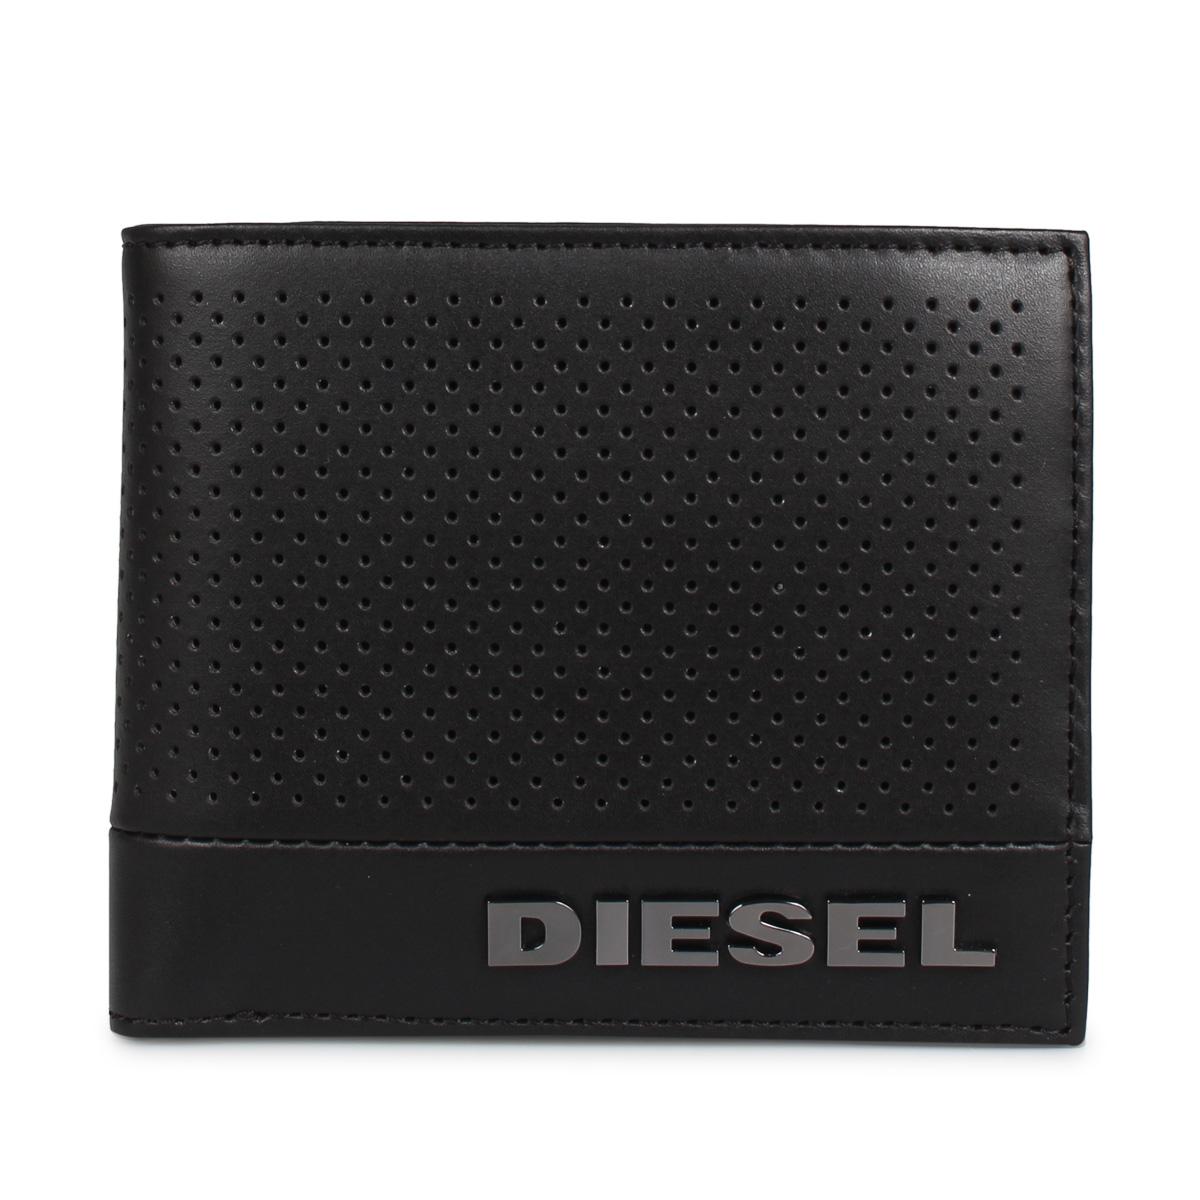 DIESEL HIRESH S ディーゼル 財布 二つ折り メンズ ブラック 黒 X06760-PR879 [5/21 新入荷]